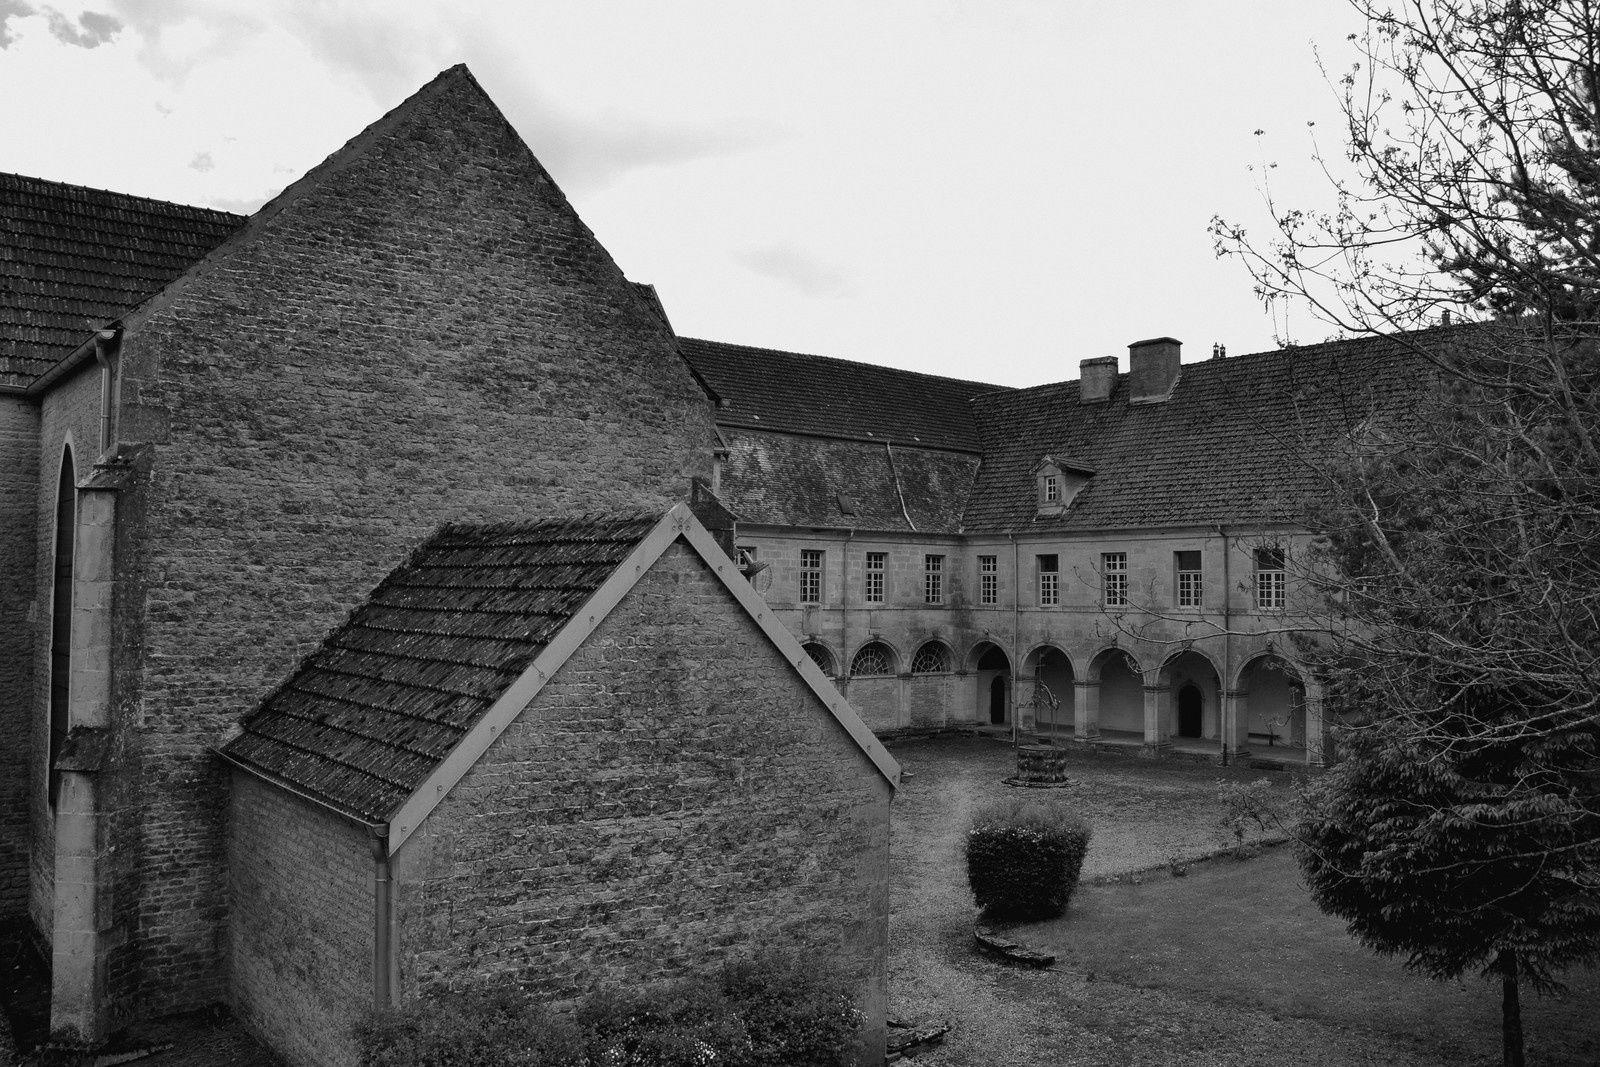 La Roche-Morey, Bourguignon-lès-Morey    -   Haute-Saône